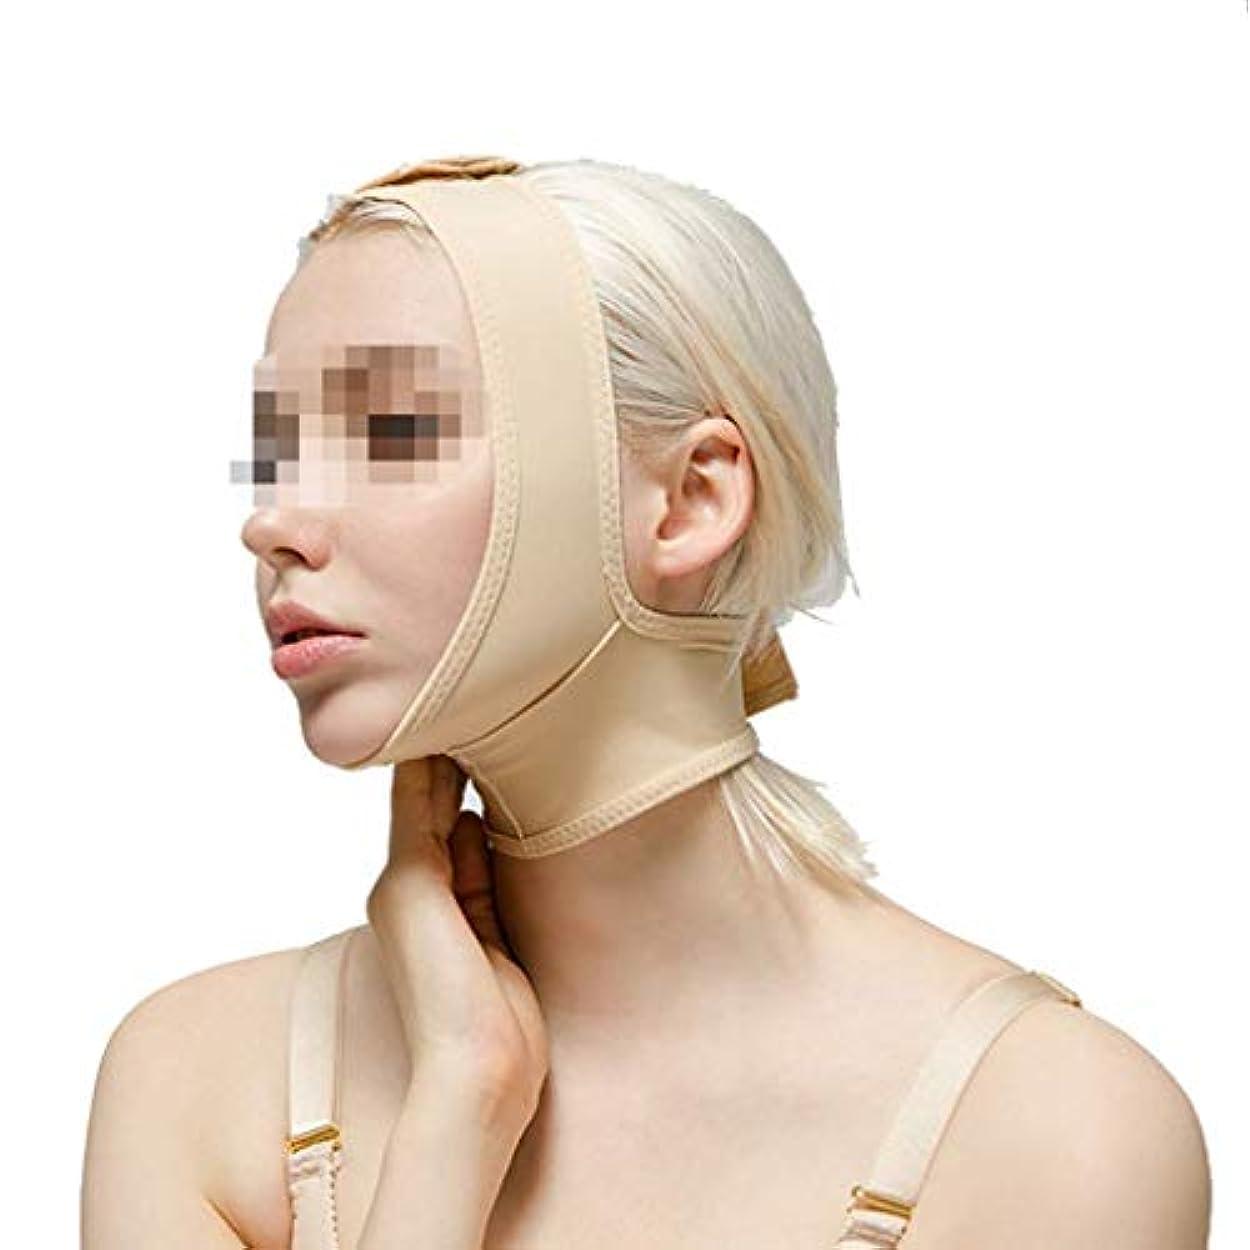 記憶ヤング転用術後弾性スリーブ、下顎バンドルフェイスバンデージフェイシャルビームダブルチンシンフェイスマスクマルチサイズオプション(サイズ:S)